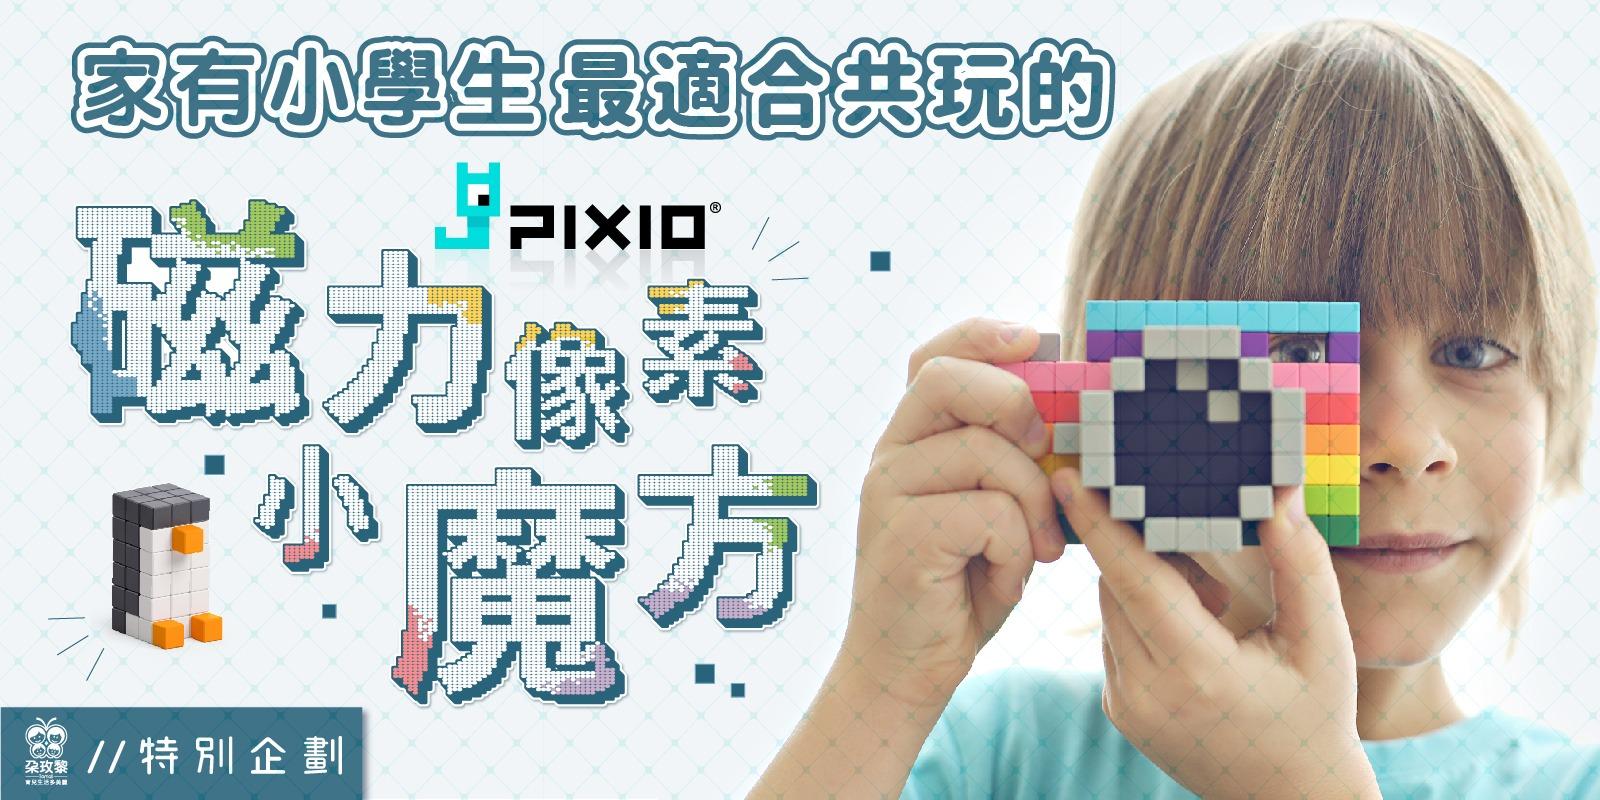 朶特企 家有小學生最適合共玩的Pixio磁力像素小魔方!